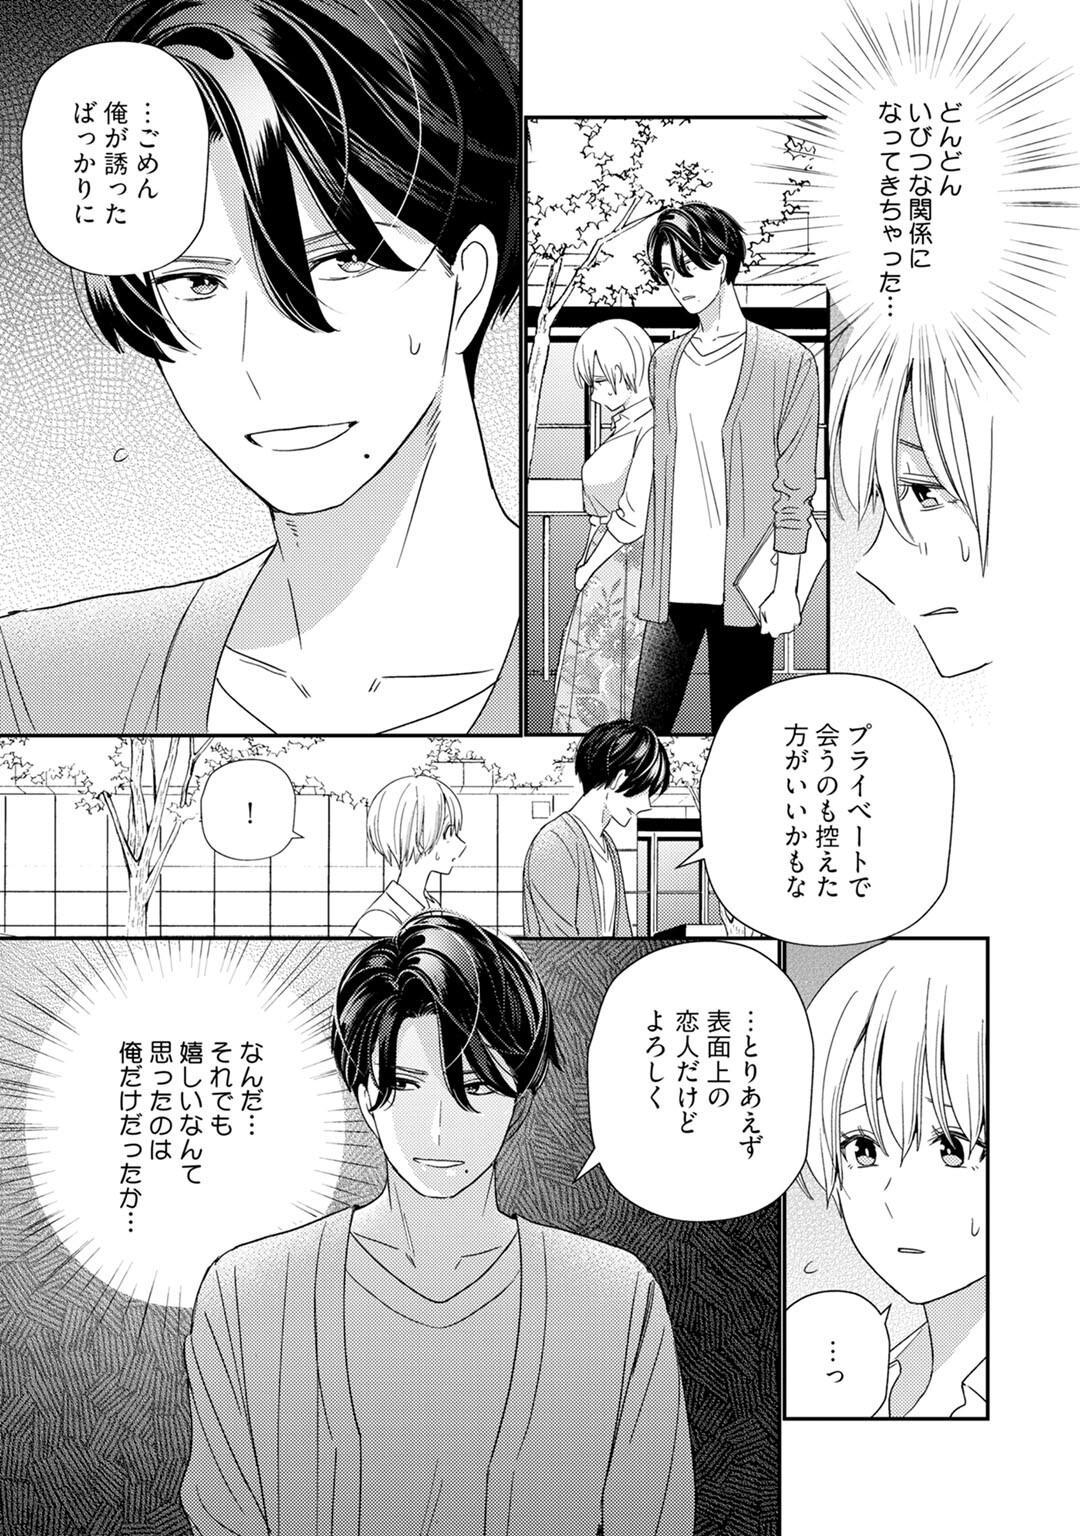 [Okonogi Happa] Kyonyuu-chan to Kyokon Joushi -Kaisha de Musabori Sex- act. 7 6